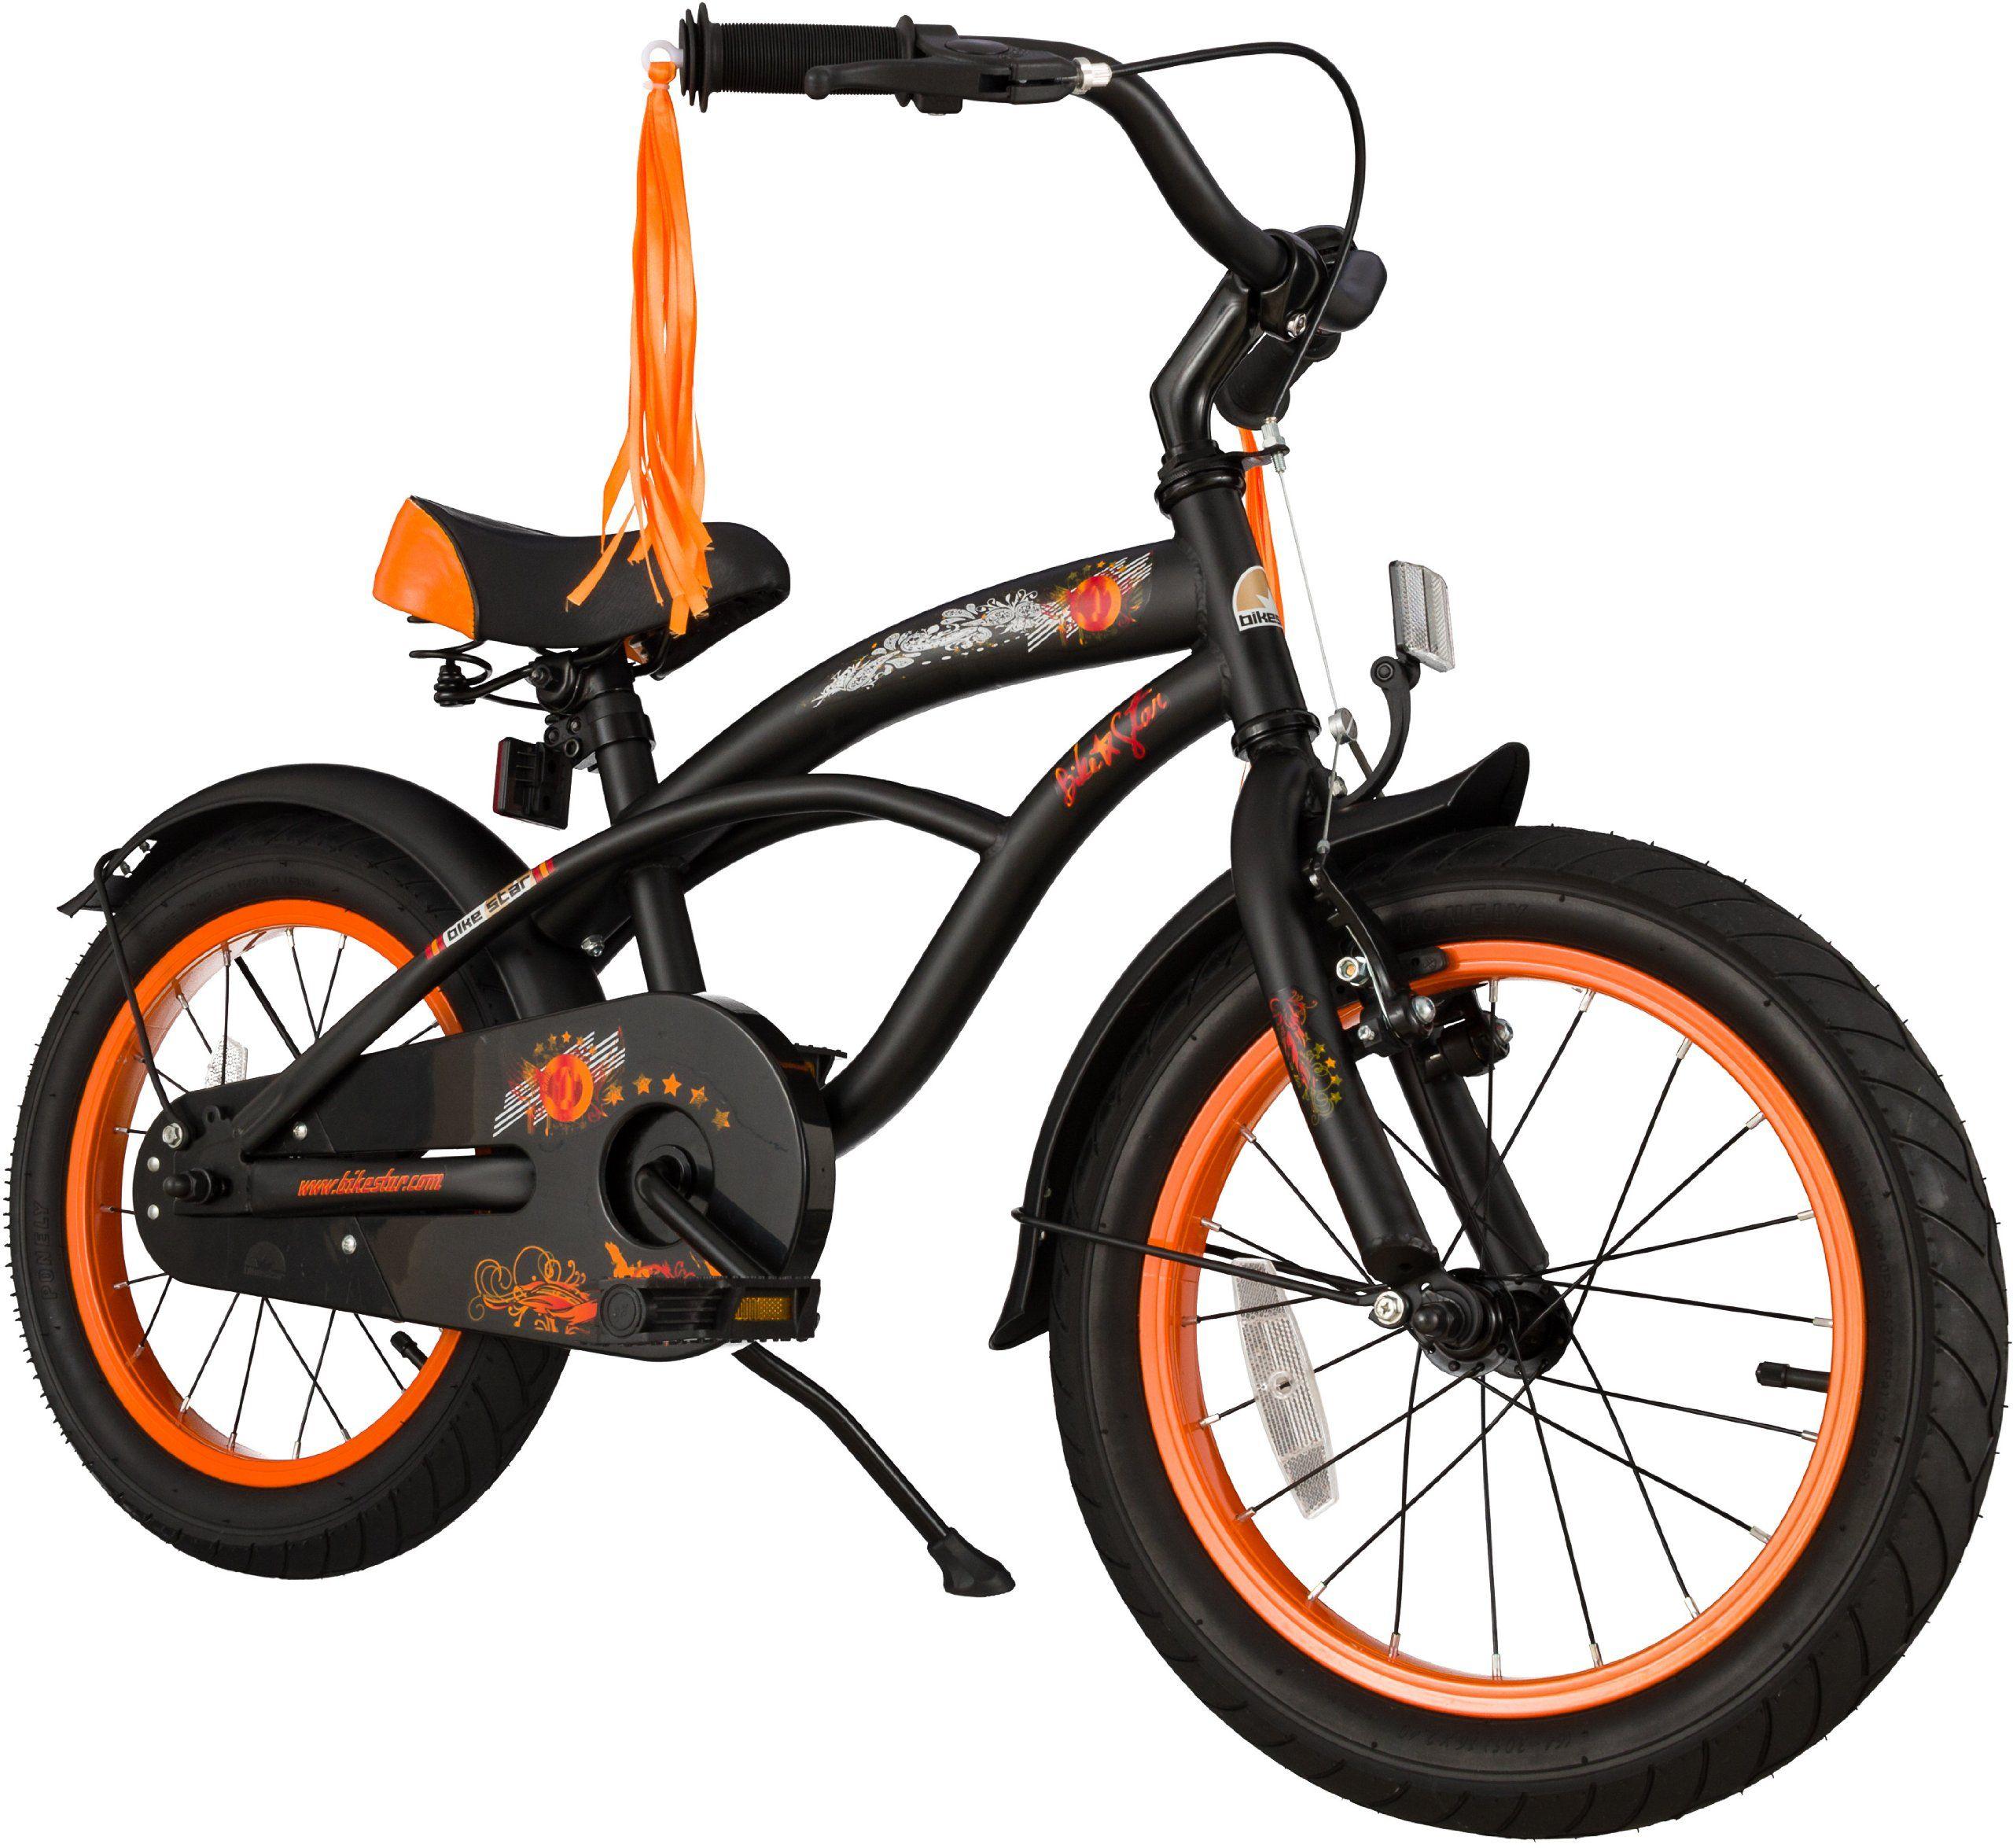 Bike Star 40 6cm 16 Zoll Kinder Fahrrad Cruiser Schwarz Matt Amazon De Sport Freizeit Vriendje